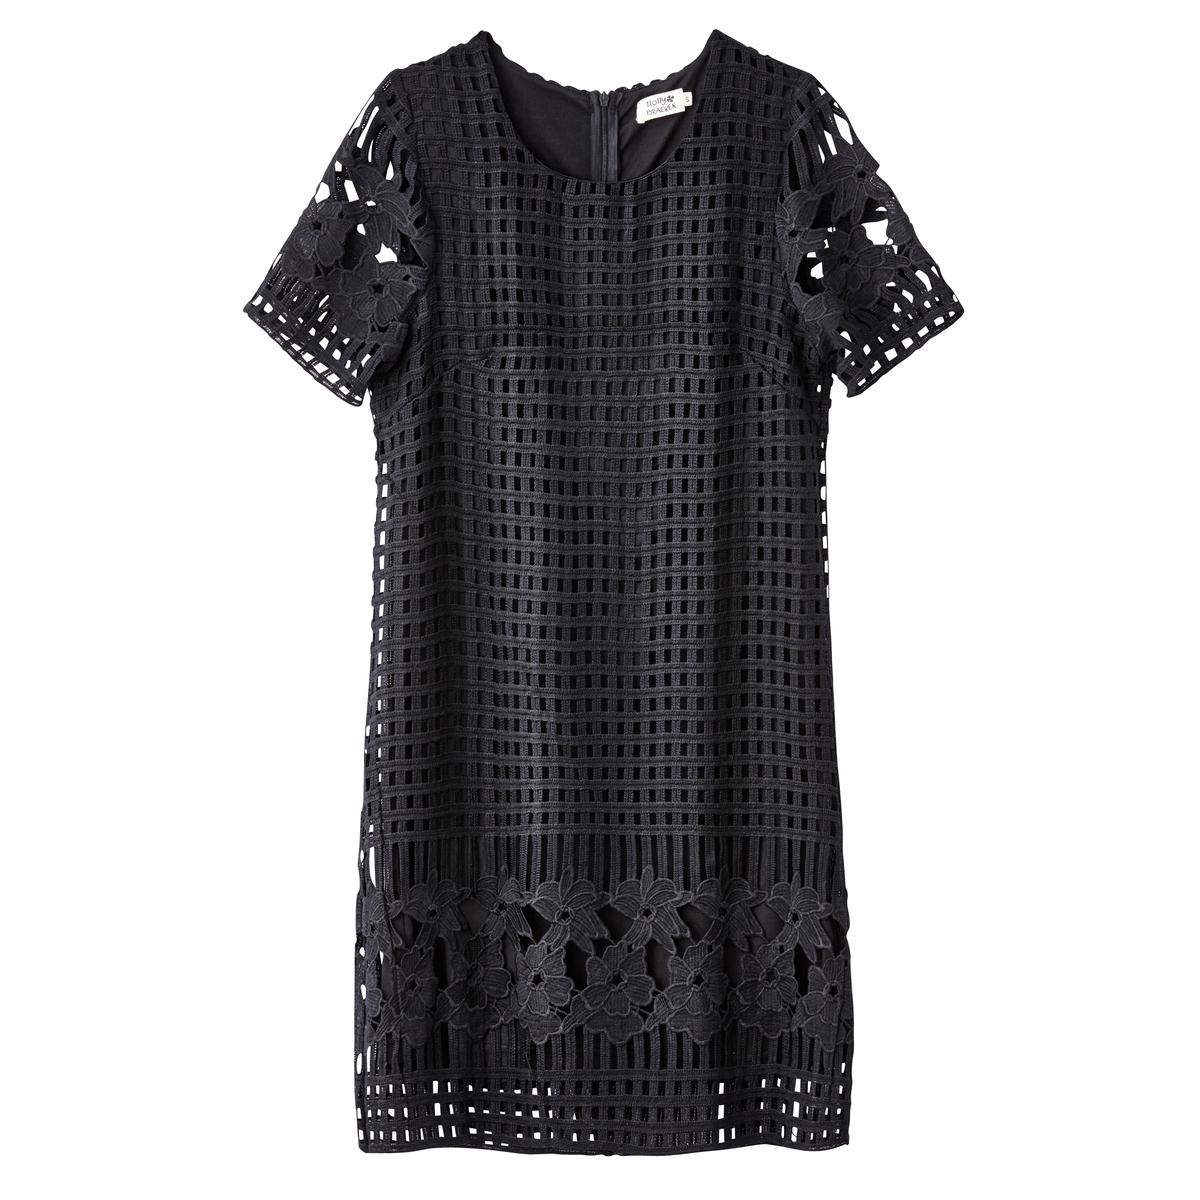 Платье прямое ажурноеМатериал : 100% полиэстер   Длина рукава : короткие рукава   Форма воротника : круглый вырез  Покрой платья : платье прямого покроя     Рисунок : однотонная модель Длина платья : короткое<br><br>Цвет: черный<br>Размер: XS.L.M